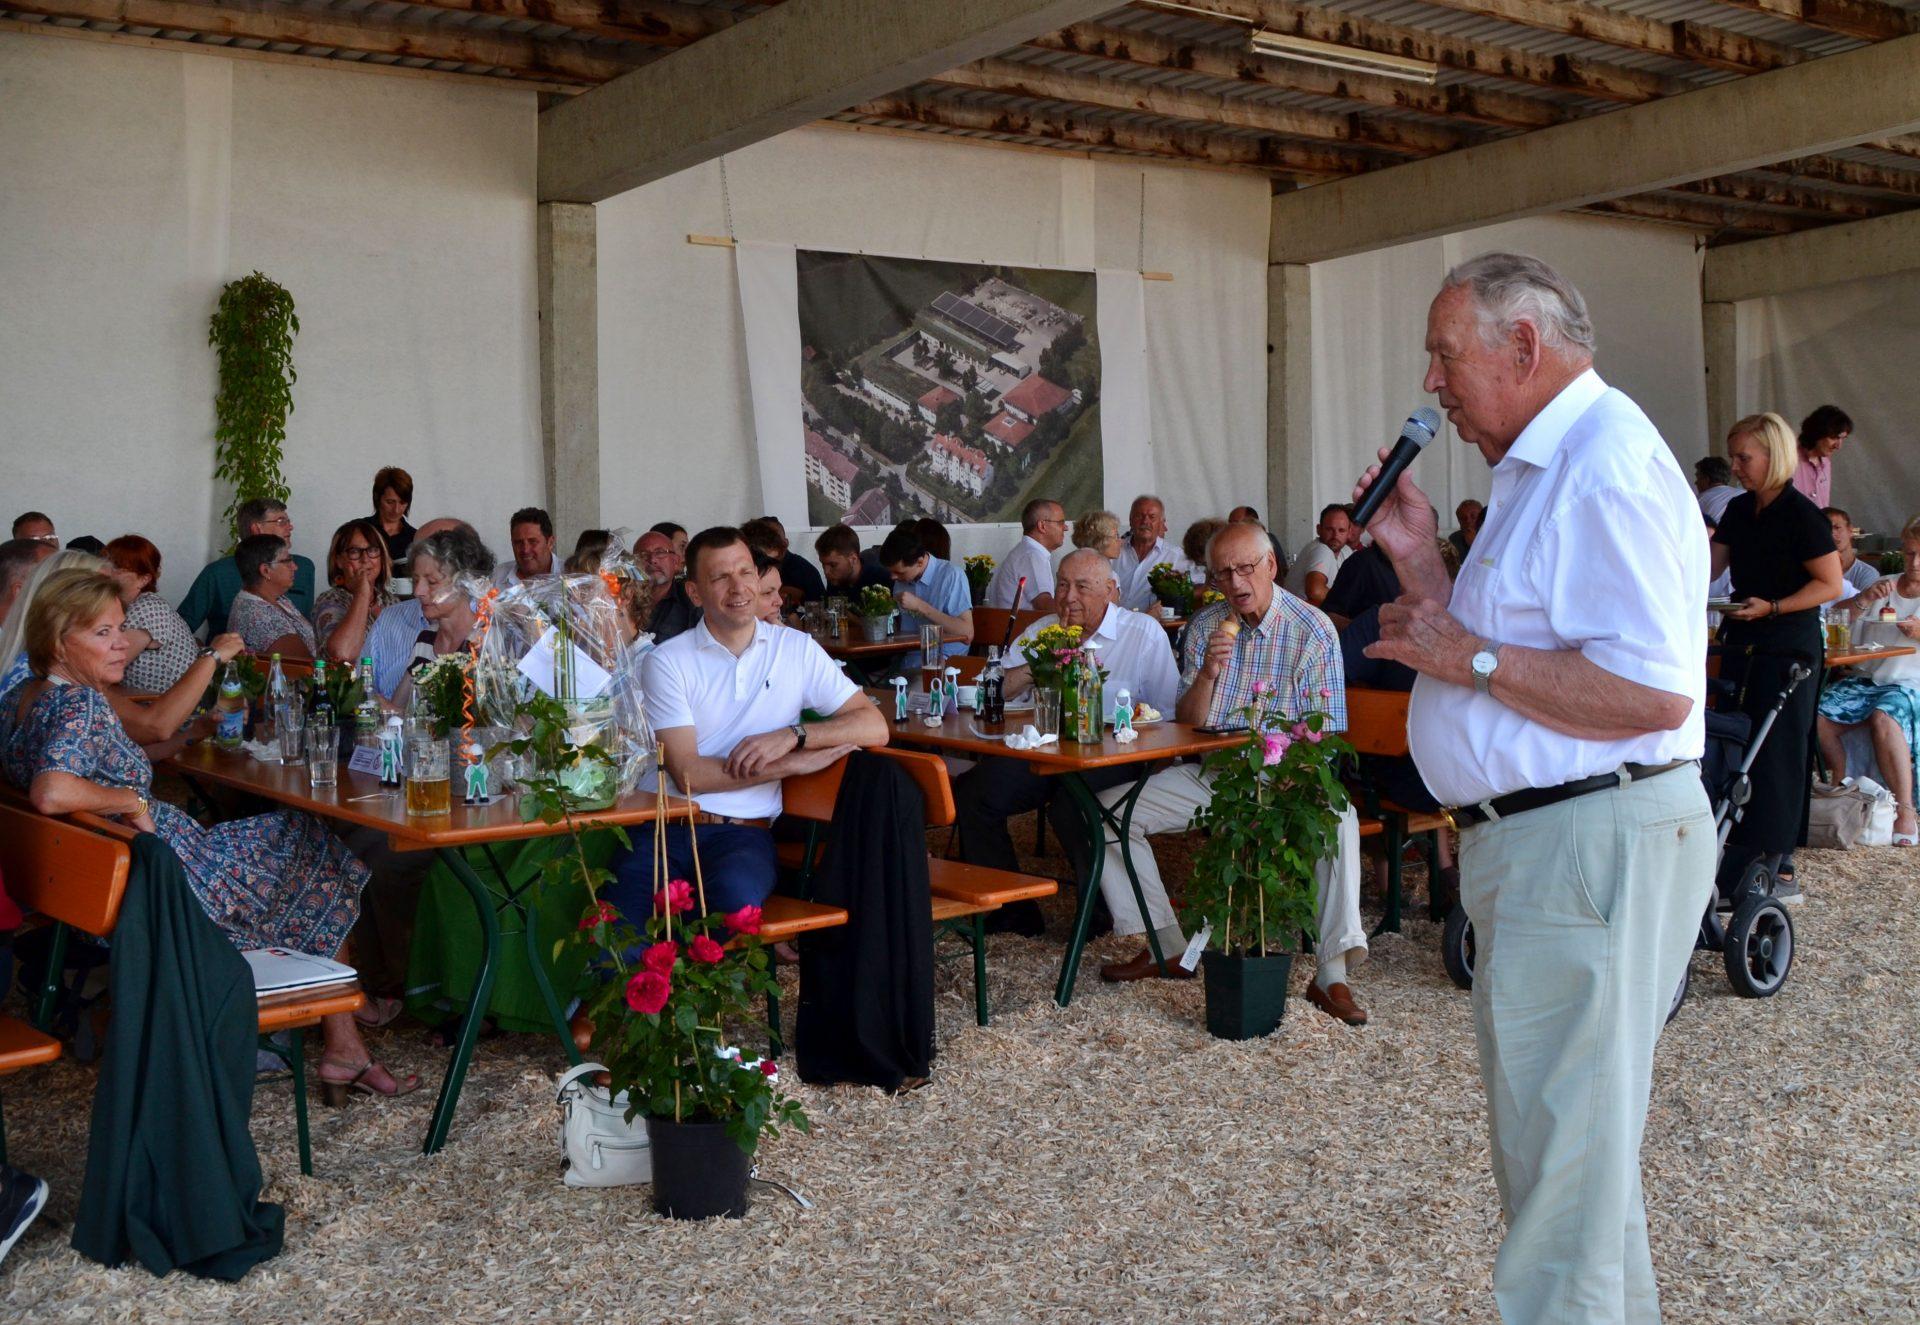 Firmengründer Hermann Kutter (84) schildert beim Sommerfest 2019, wie alles 1959 begann. Sein erster Auftrag: Hecke ausräumen, Rasen mähen, düngen und nachsäen für 55 DM.